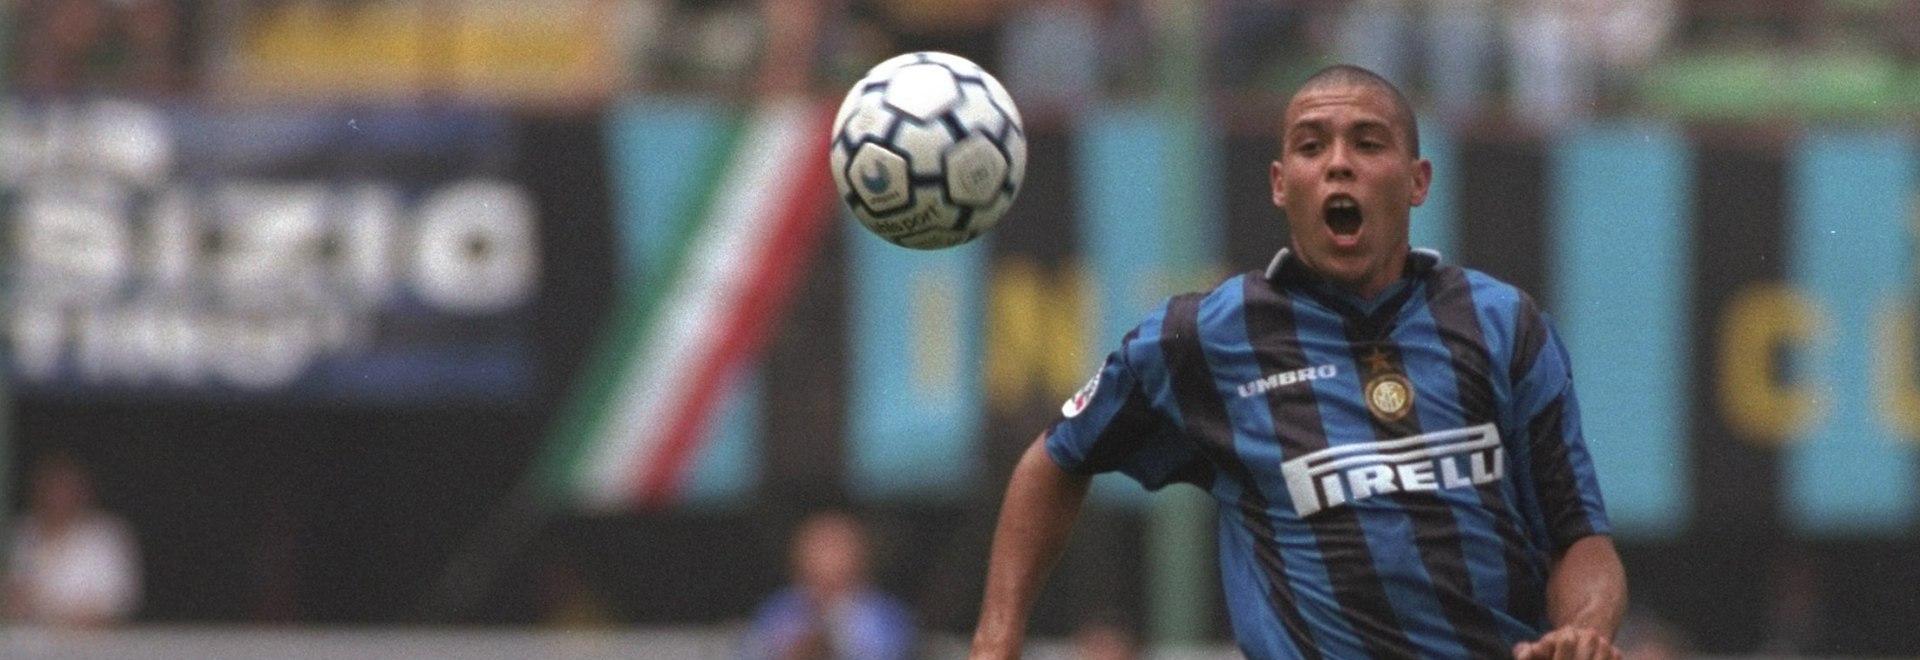 Speciale Ronaldo